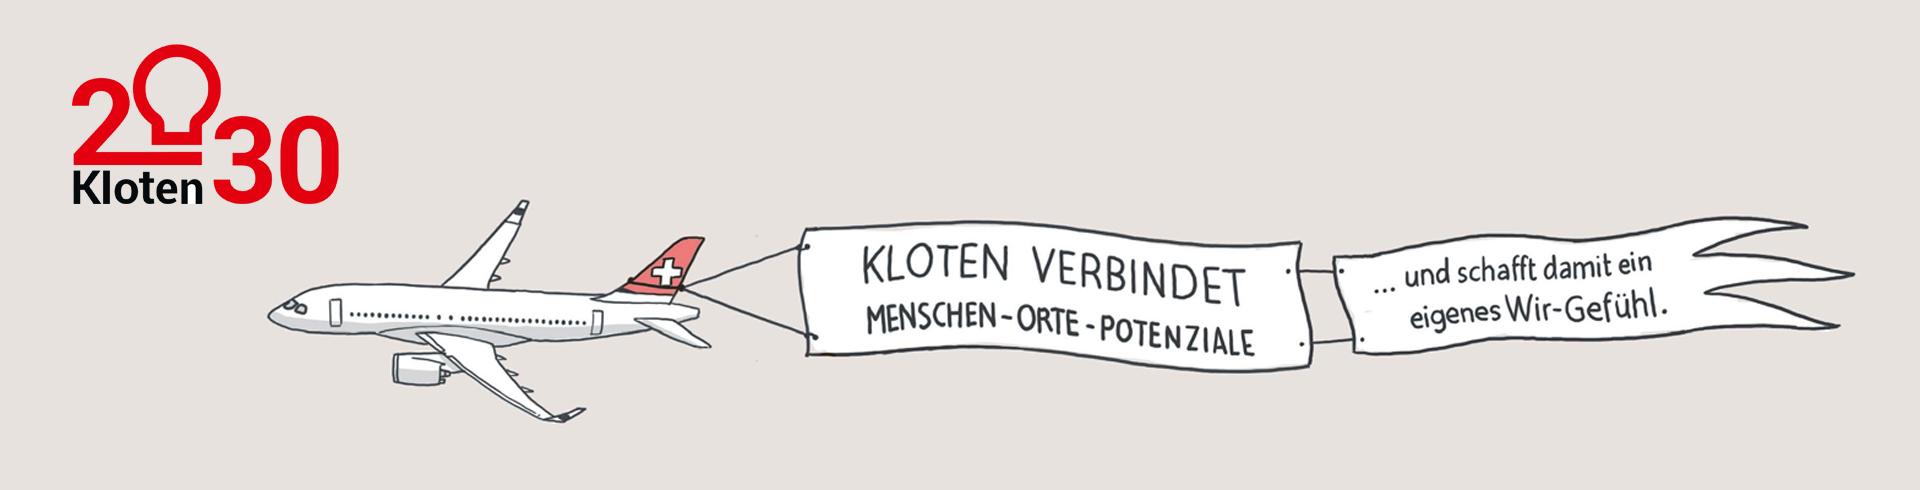 Kloten2030